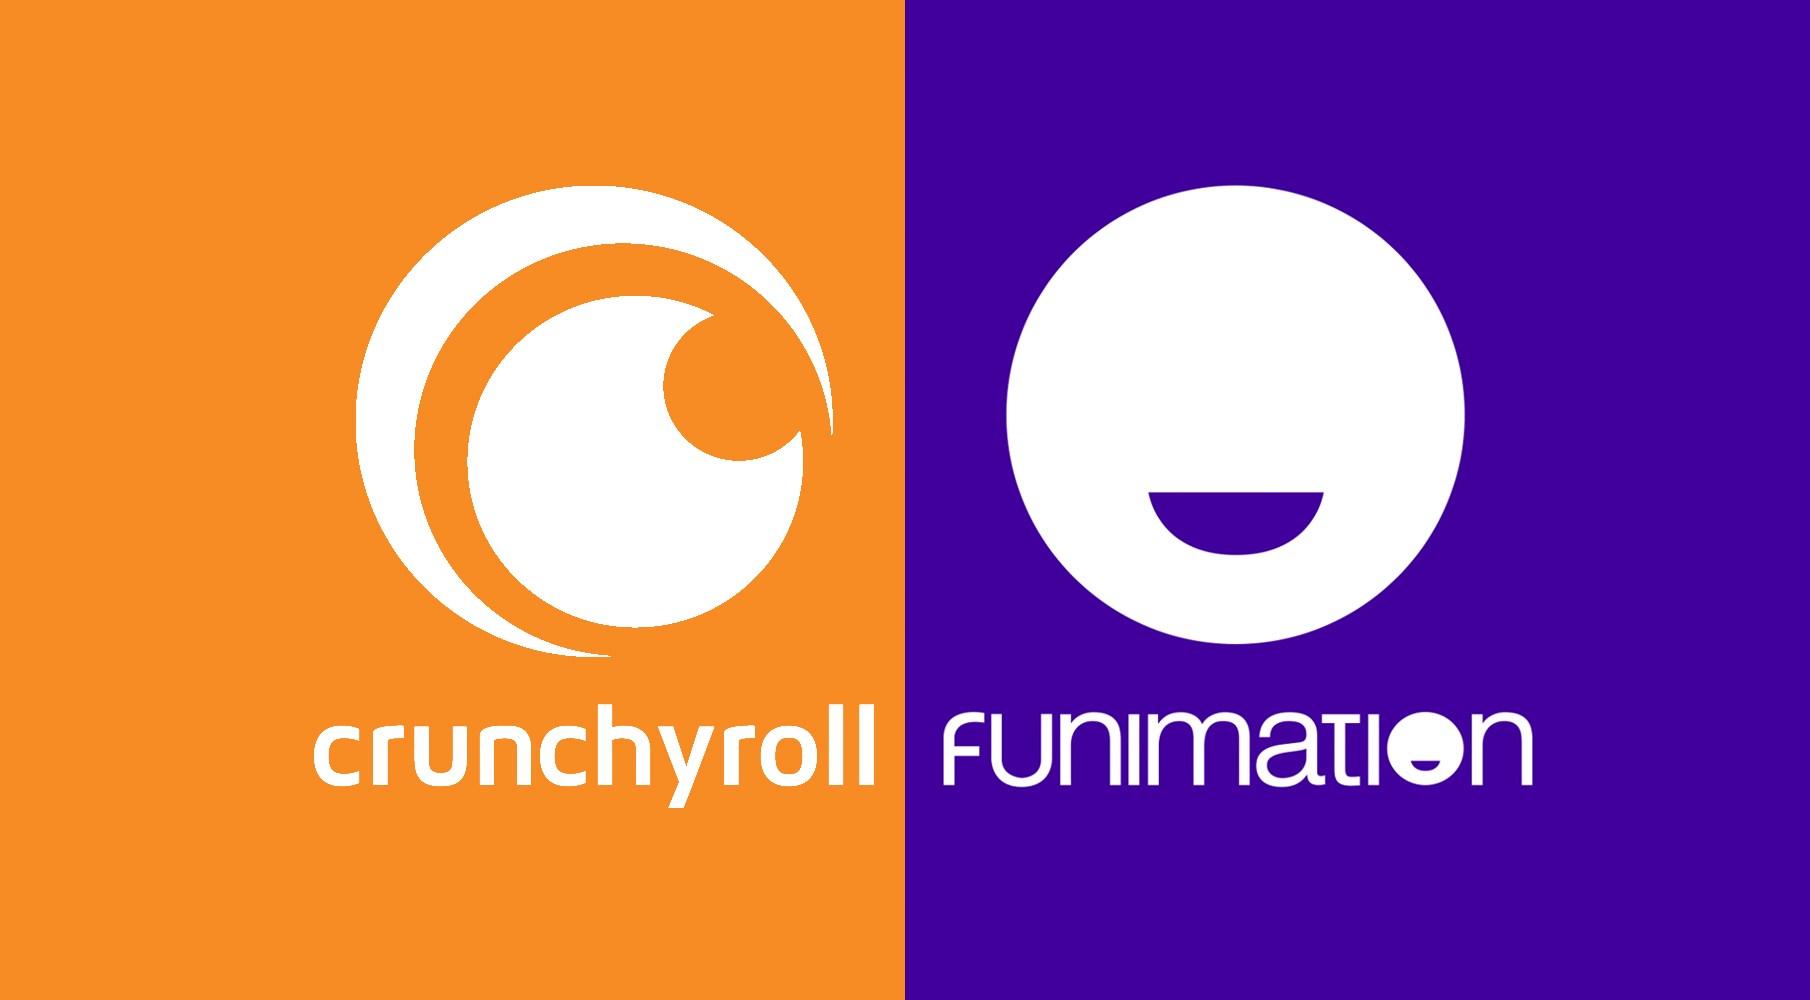 Crunchyroll / Funimation